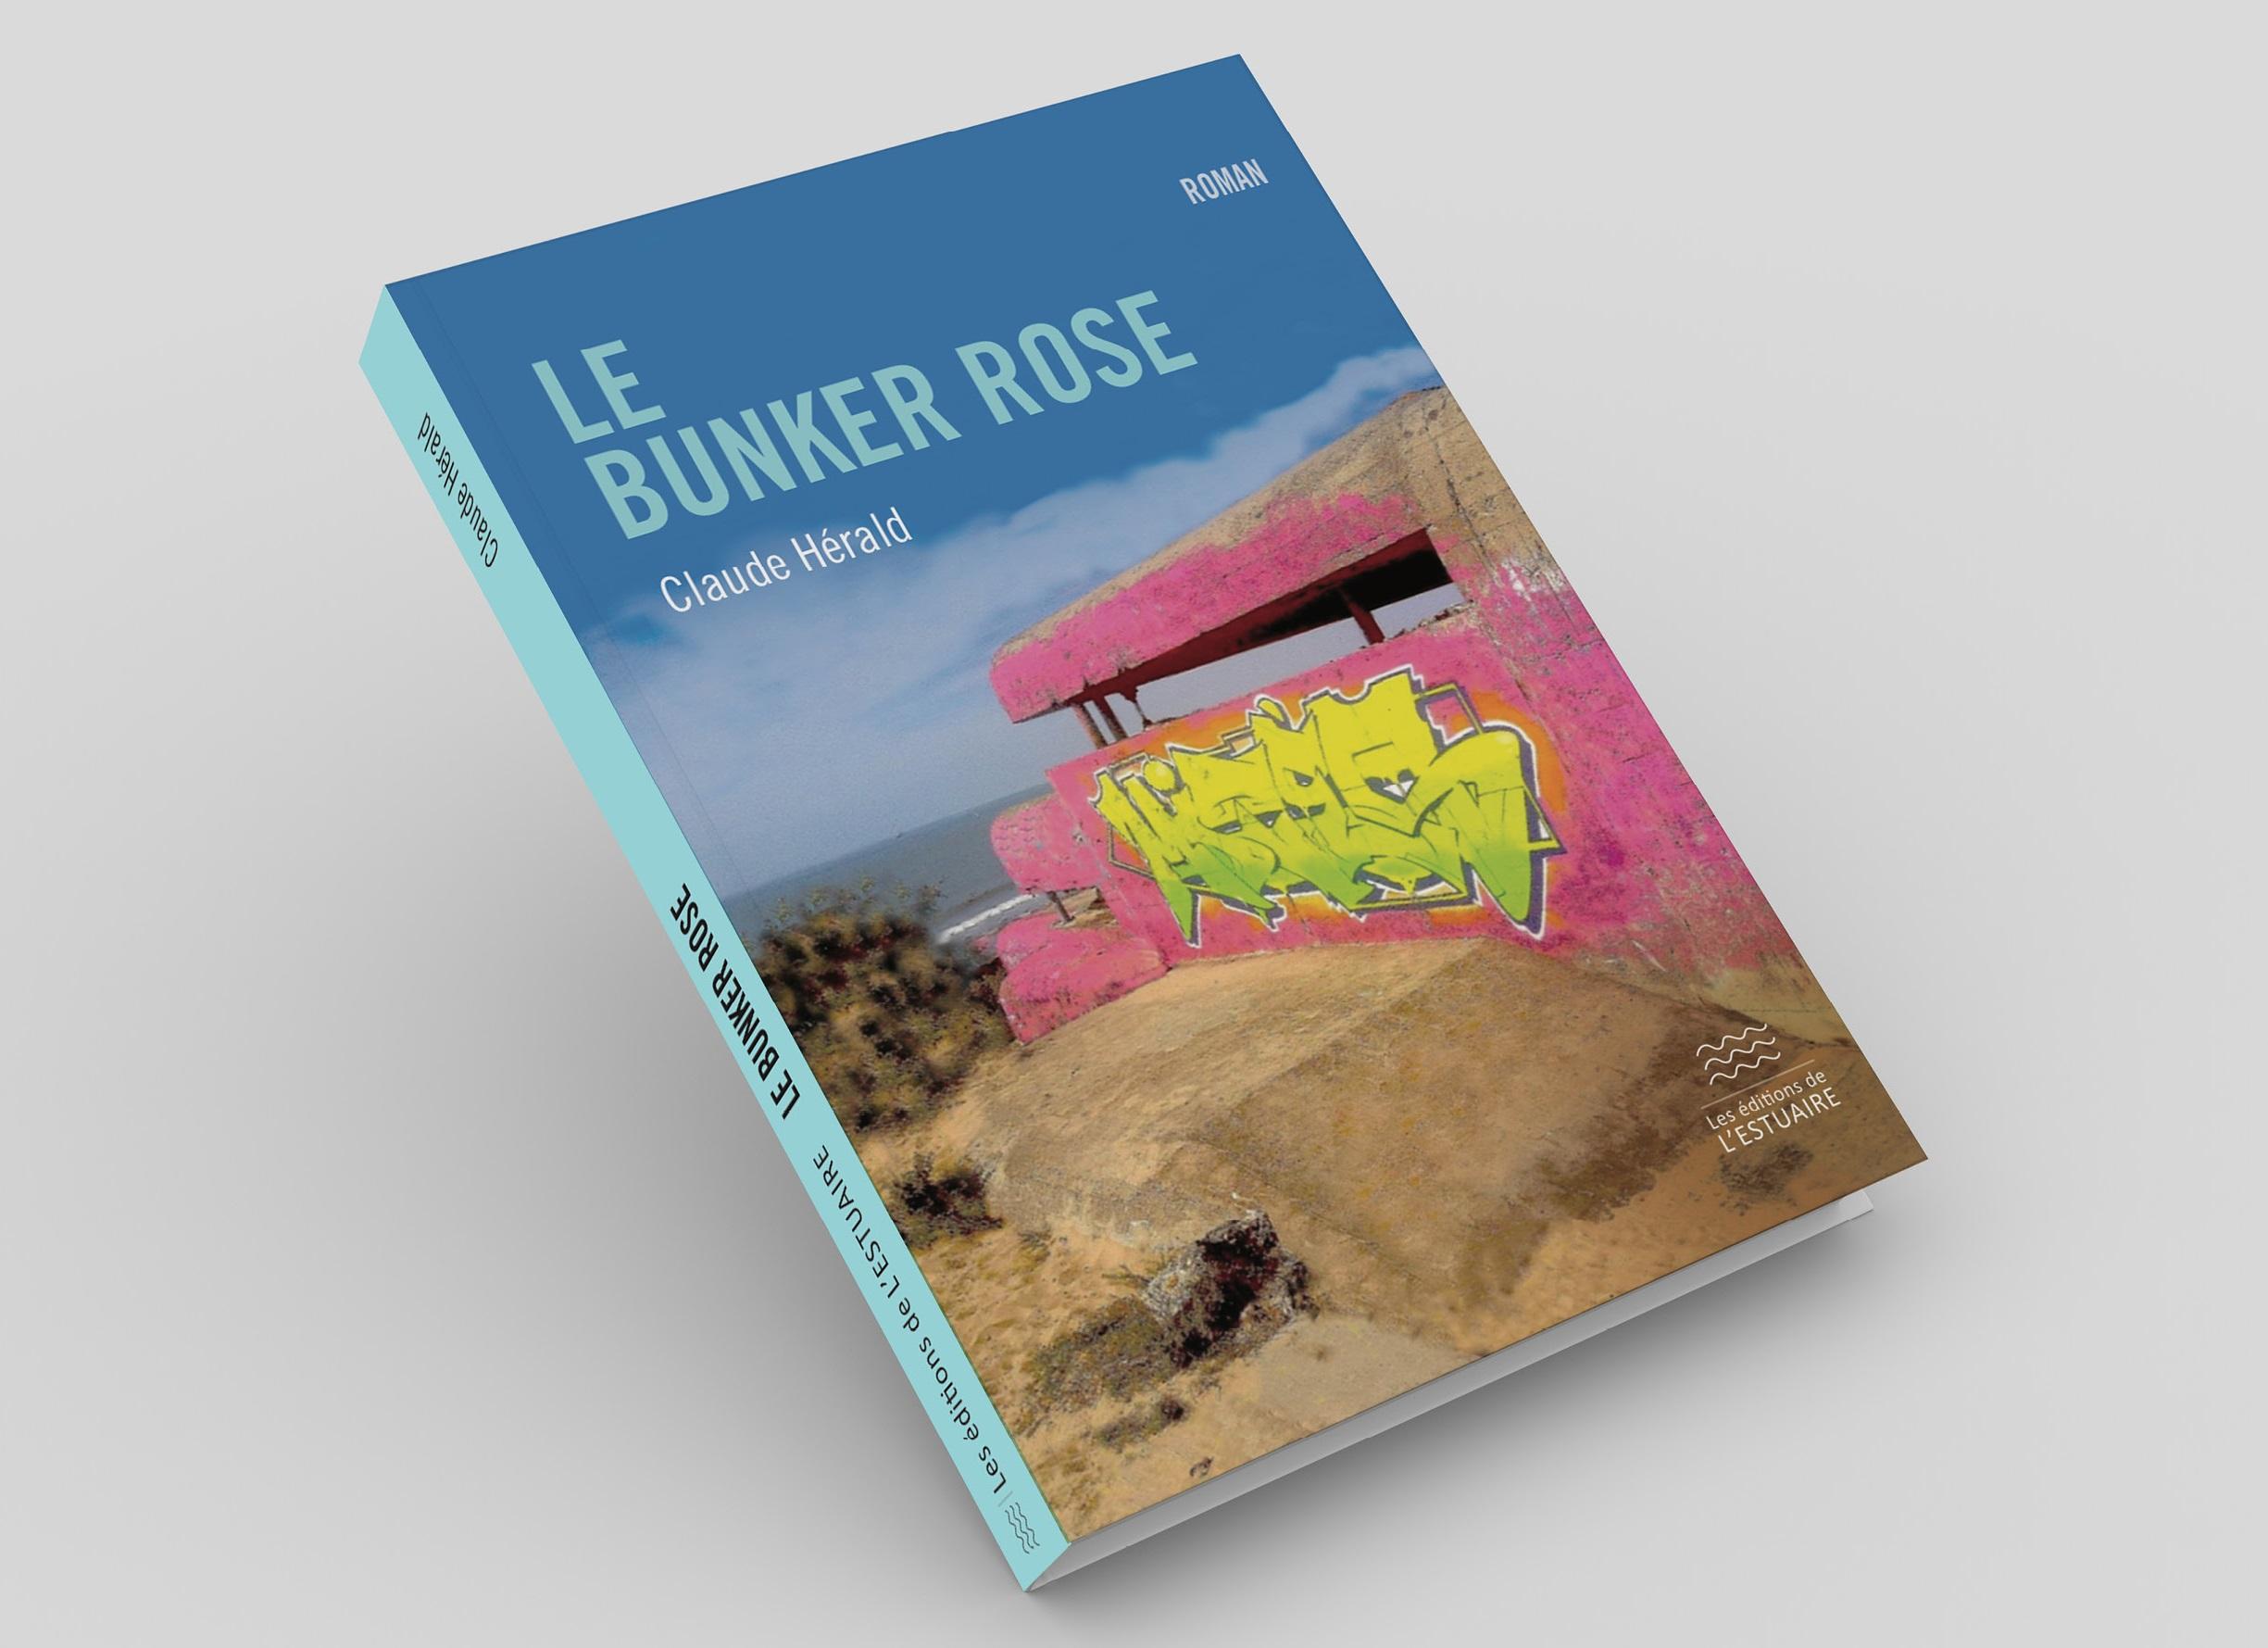 Le Bunker rose